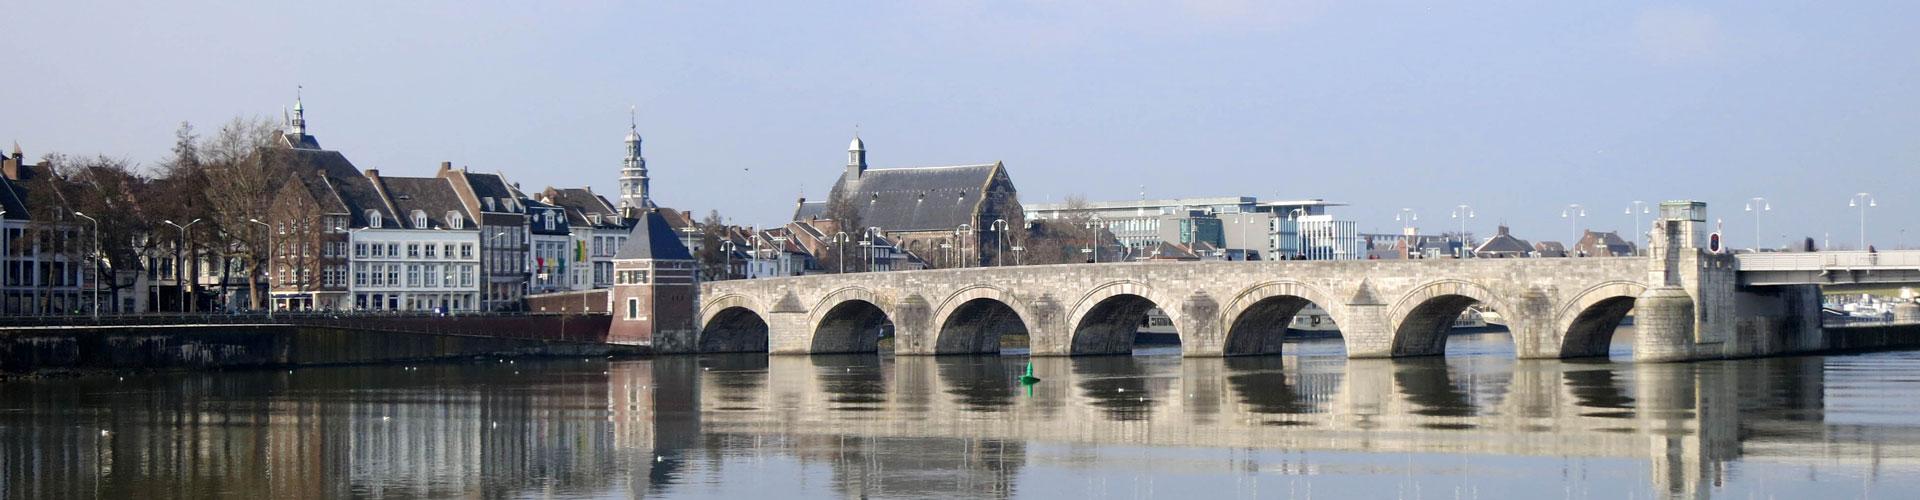 Letselschade Maastricht advocaat inschakelen